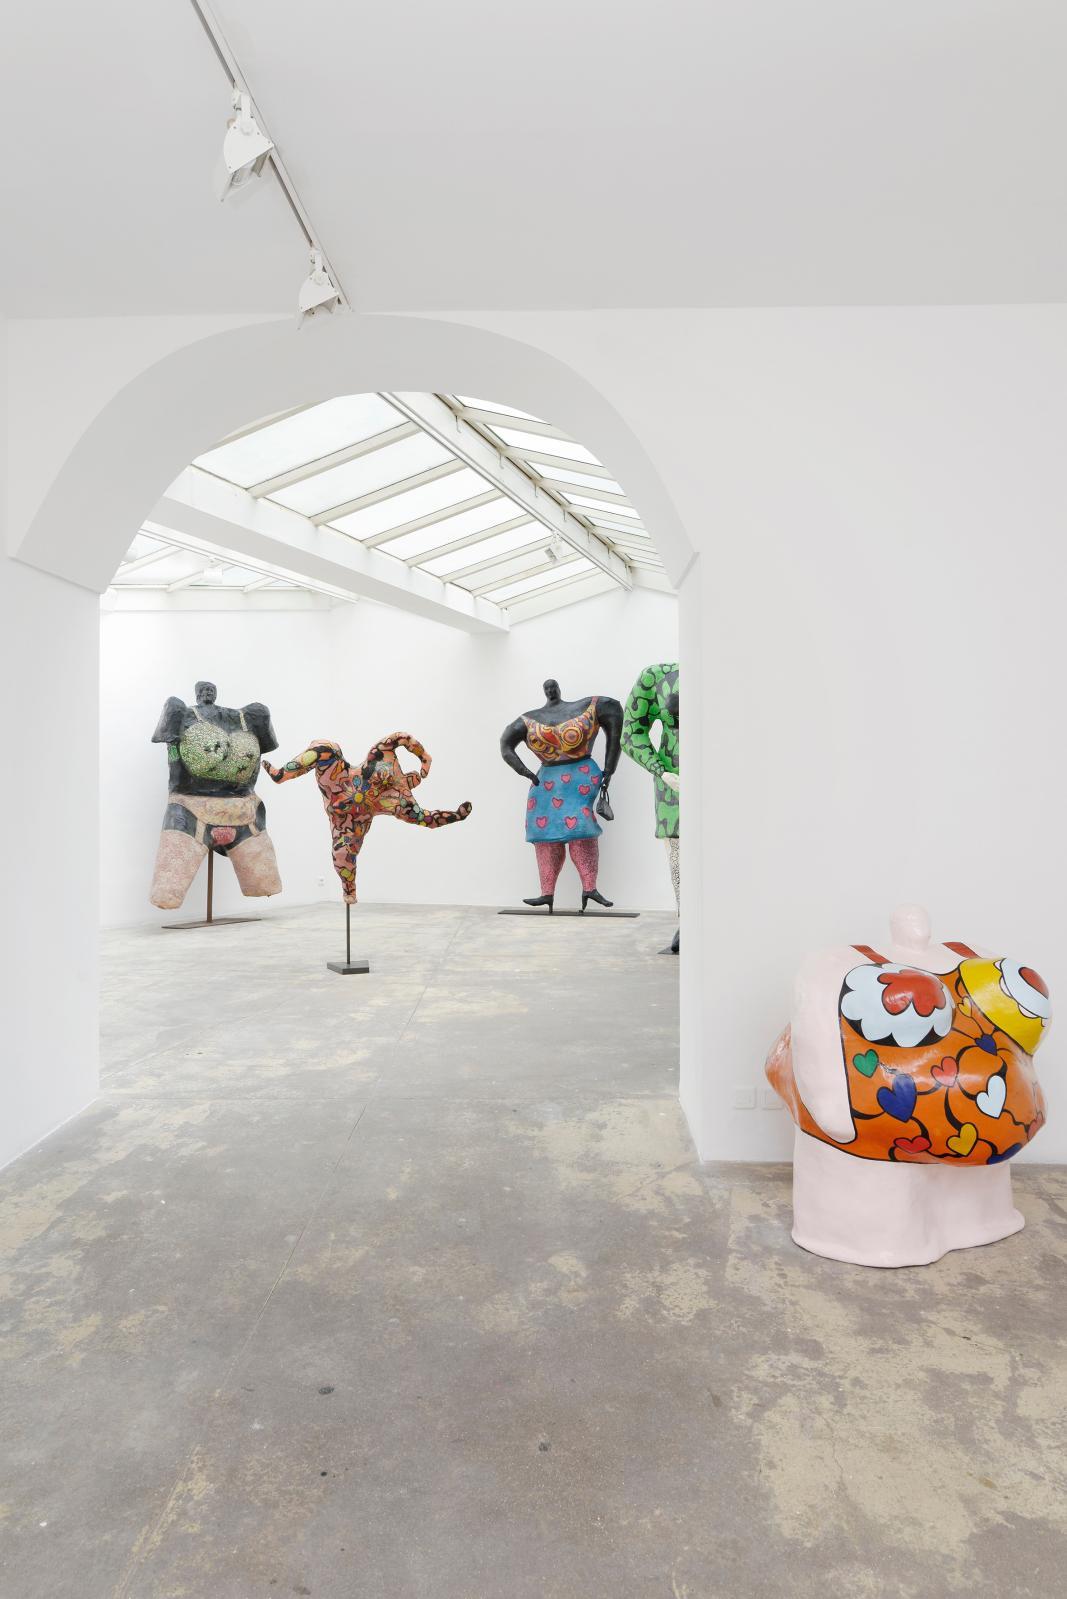 Exhibition view « Niki de Saint Phalle, Belles ! Belles ! Belles ! », 2017.Photo: Aurélien Mole ; Courtesy Galerie GP & N Vallois, Paris